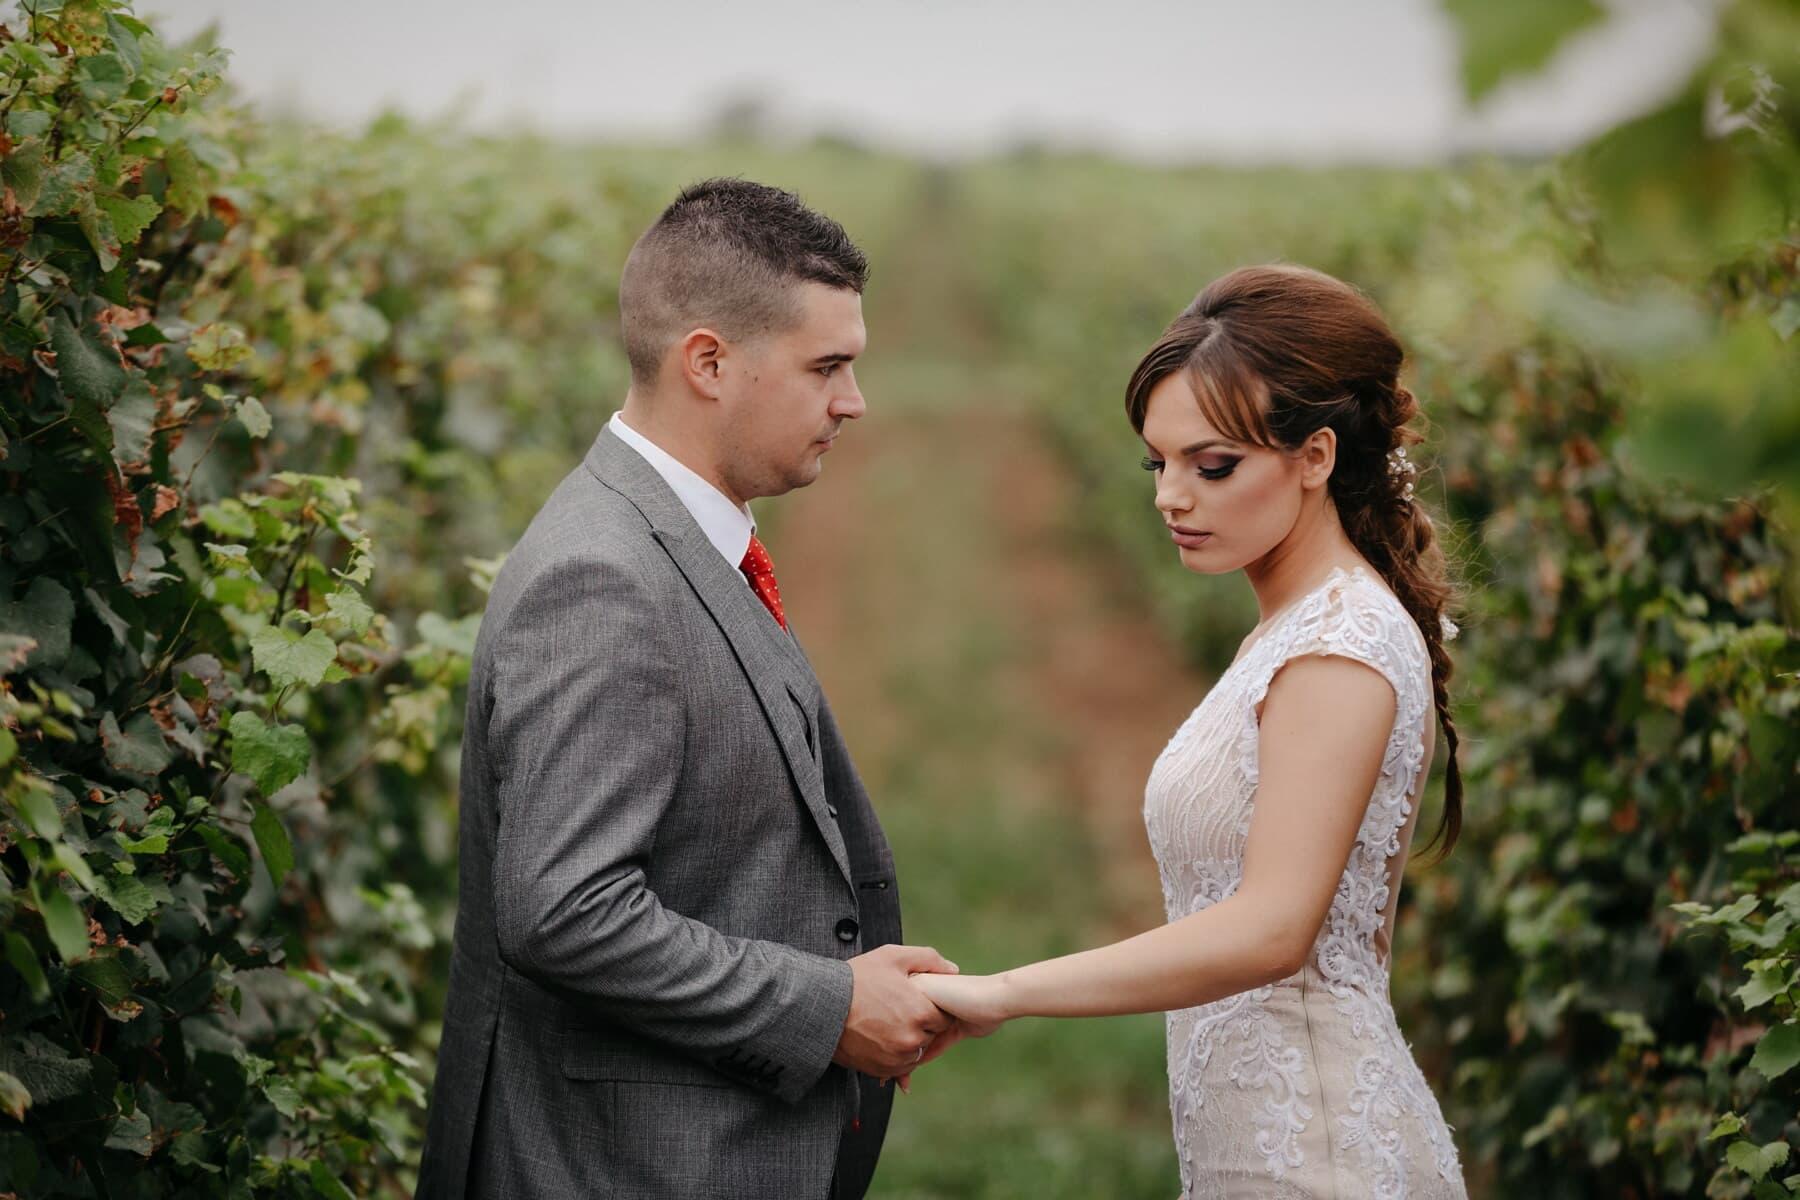 vineyard, love, meeting, love date, lover, romantic, affection, wedding, bride, groom